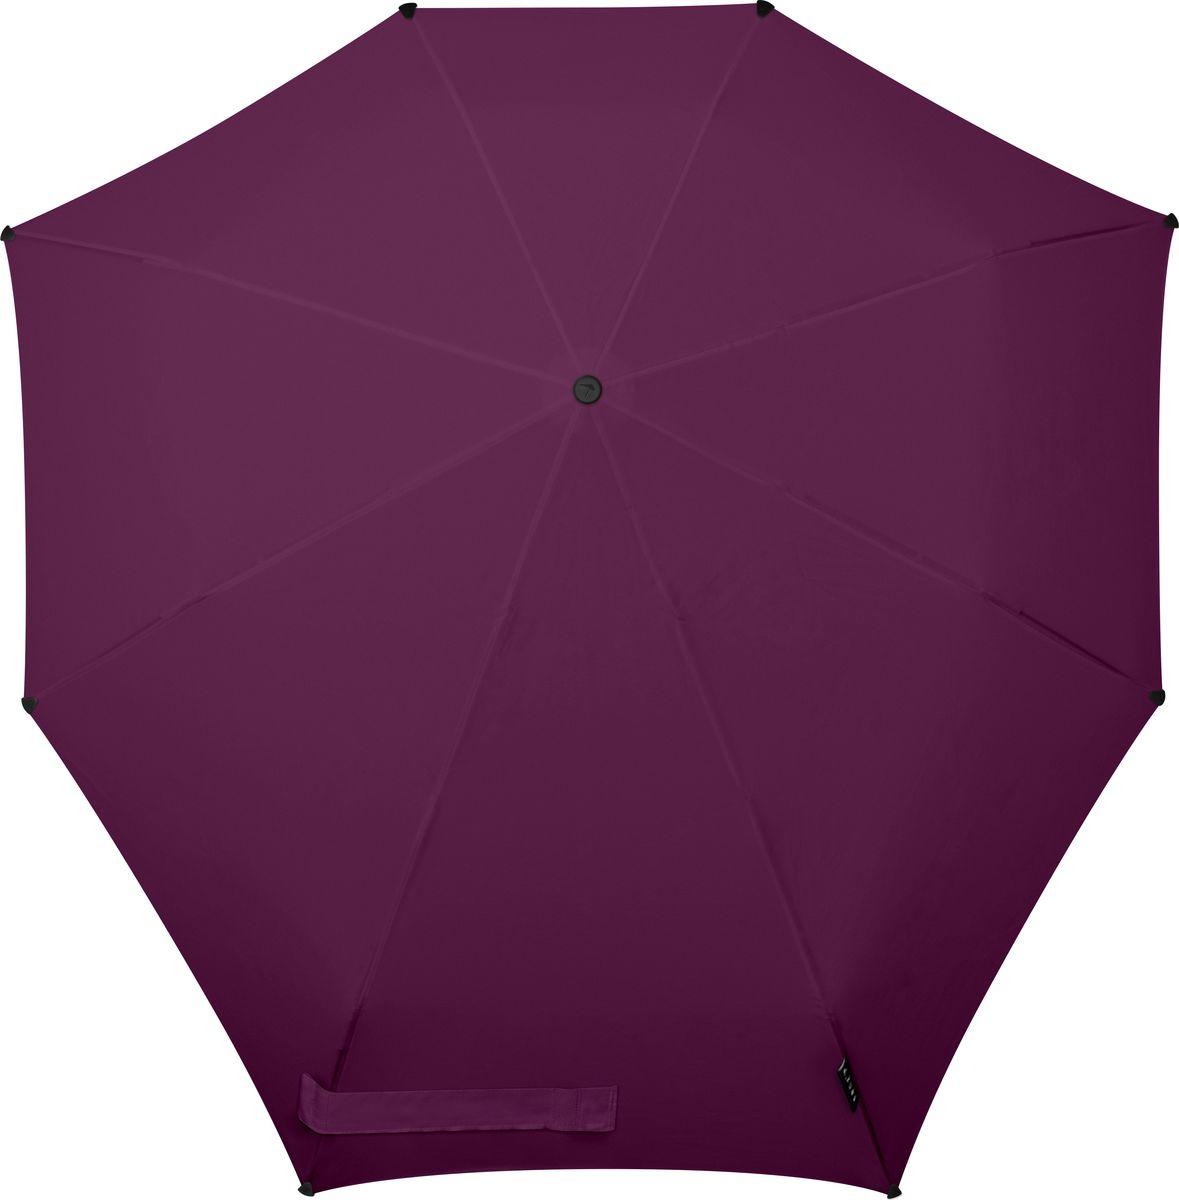 Зонт Senz, цвет: фиолетовый. 10210321021032Инновационный противоштормовый зонт, выдерживающий любую непогоду. Входит в коллекцию urban breeze, разработанную в соответствии с современными течениями fashion-индустрии. Зонт Senz отлично дополнит образ, подчеркнет индивидуальность и вкус своего обладателя. Легкий, компактный и прочный он открывается и закрывается нажатием на кнопку. Закрывает спину от дождя, а благодаря своей усовершенствованной конструкции, зонт не выворачивается наизнанку даже при сильном ветре. Модель Senz automatic выдержала испытания в аэротрубе со скоростью ветра 80 км/ч. - тип — автомат - три сложения - выдерживает порывы ветра до 80 км/ч - УФ-защита 50+ - эргономичная ручка - безопасные колпачки на кончиках спиц - в комплекте плотный чехол - гарантия 2 года